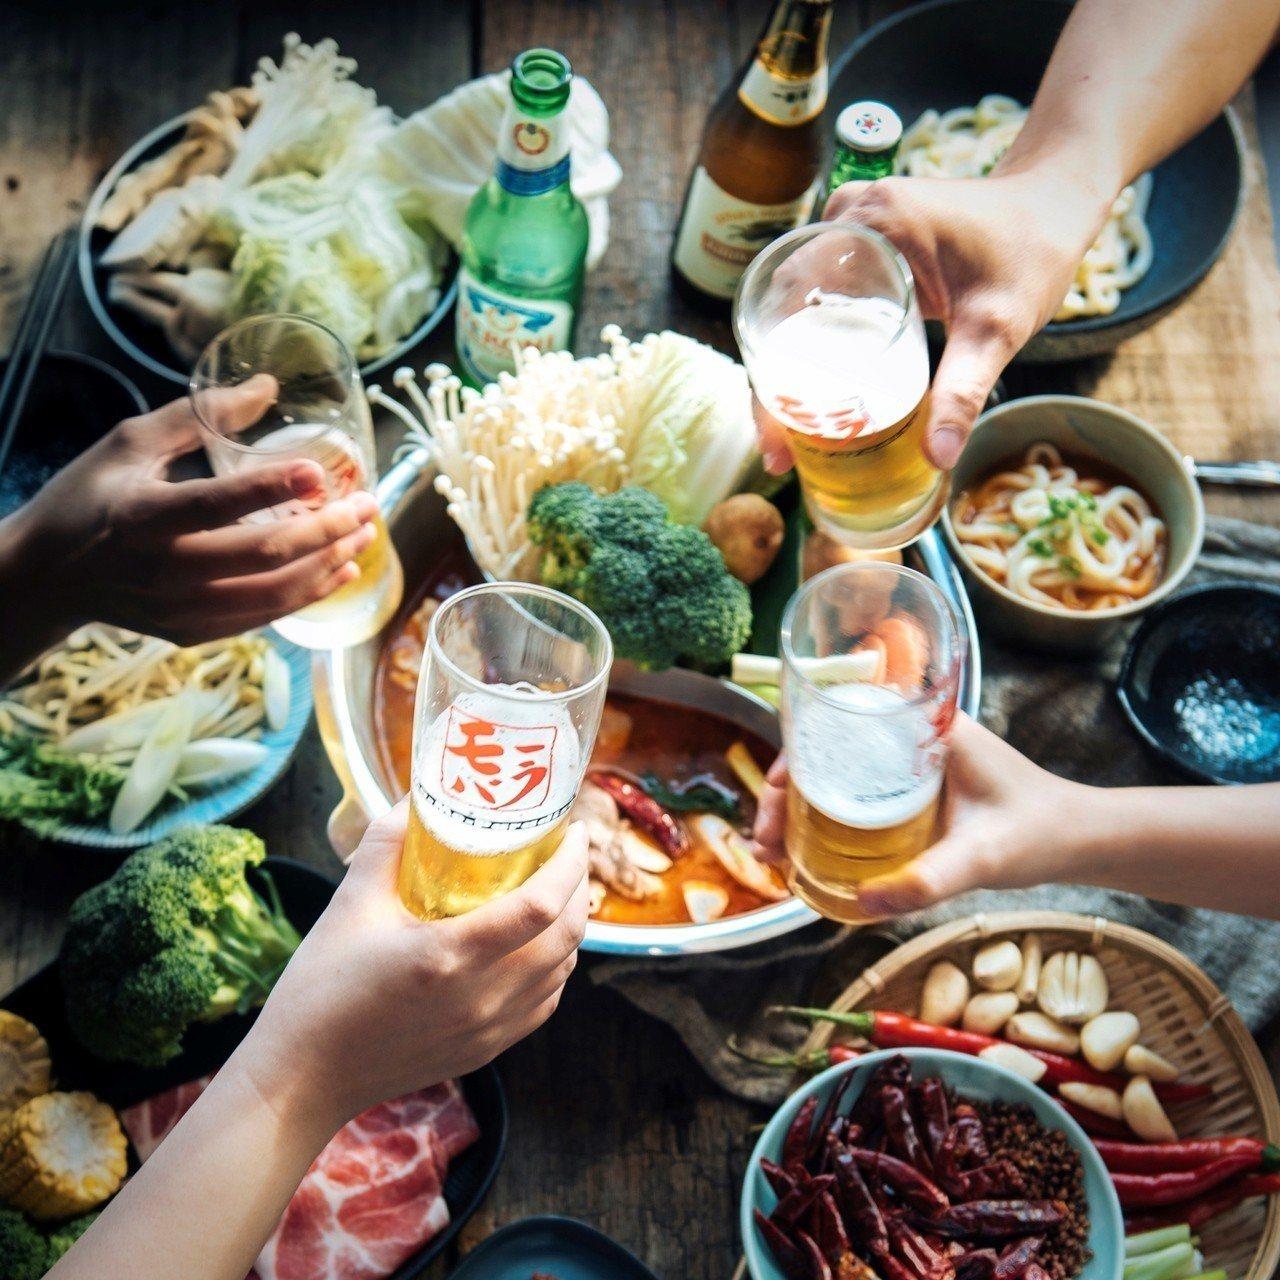 巨城4F Mo-Mo-Paradise壽喜燒鍋,新春每人僅要529元起圍爐吃到飽...